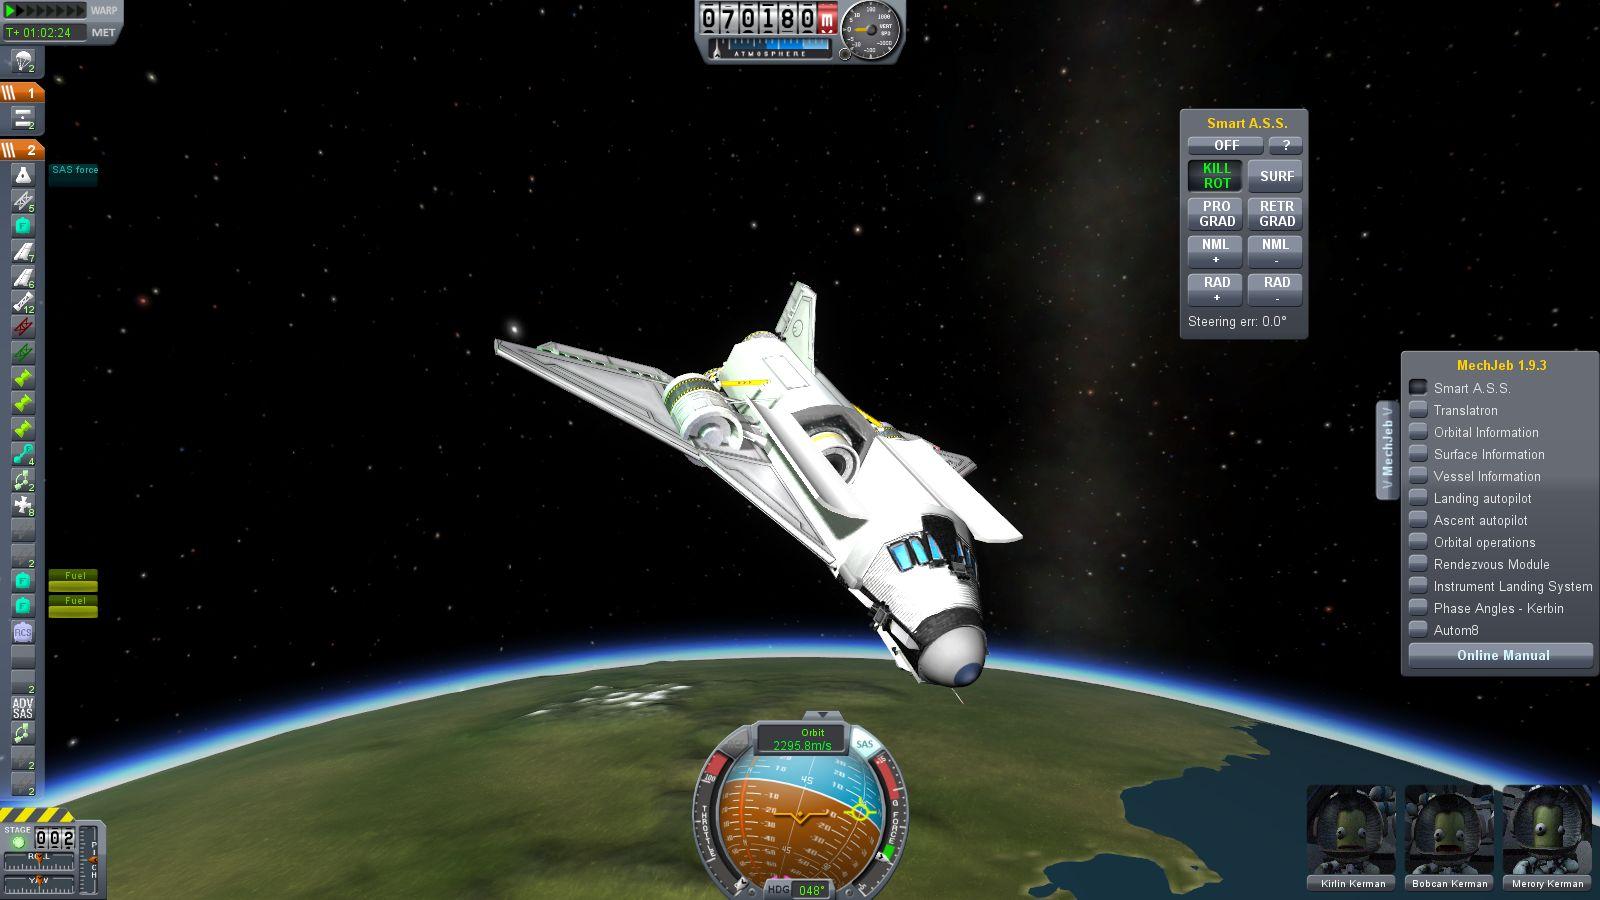 你还可以为航天飞机进行改造,打造属于你的独有作品,感觉是不是很棒.